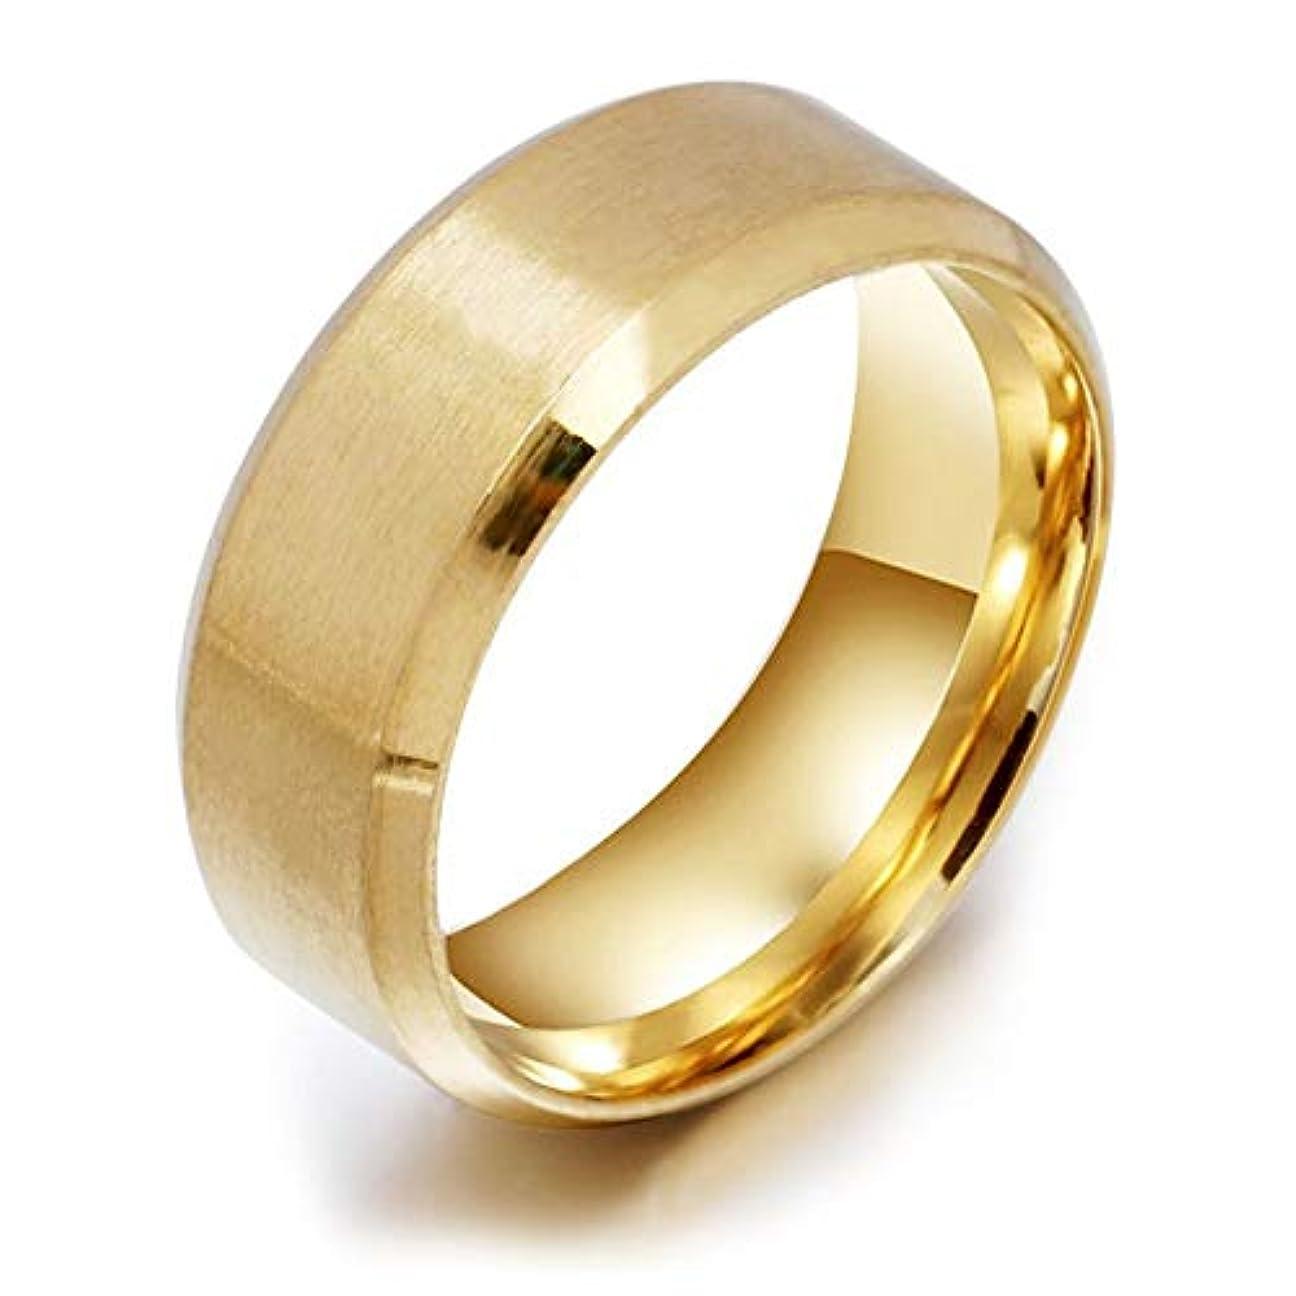 大洪水確保する候補者ステンレス鋼の医療指リング磁気減量リング男性のための高いポーランドのファッションジュエリー女性リング-ゴールド10